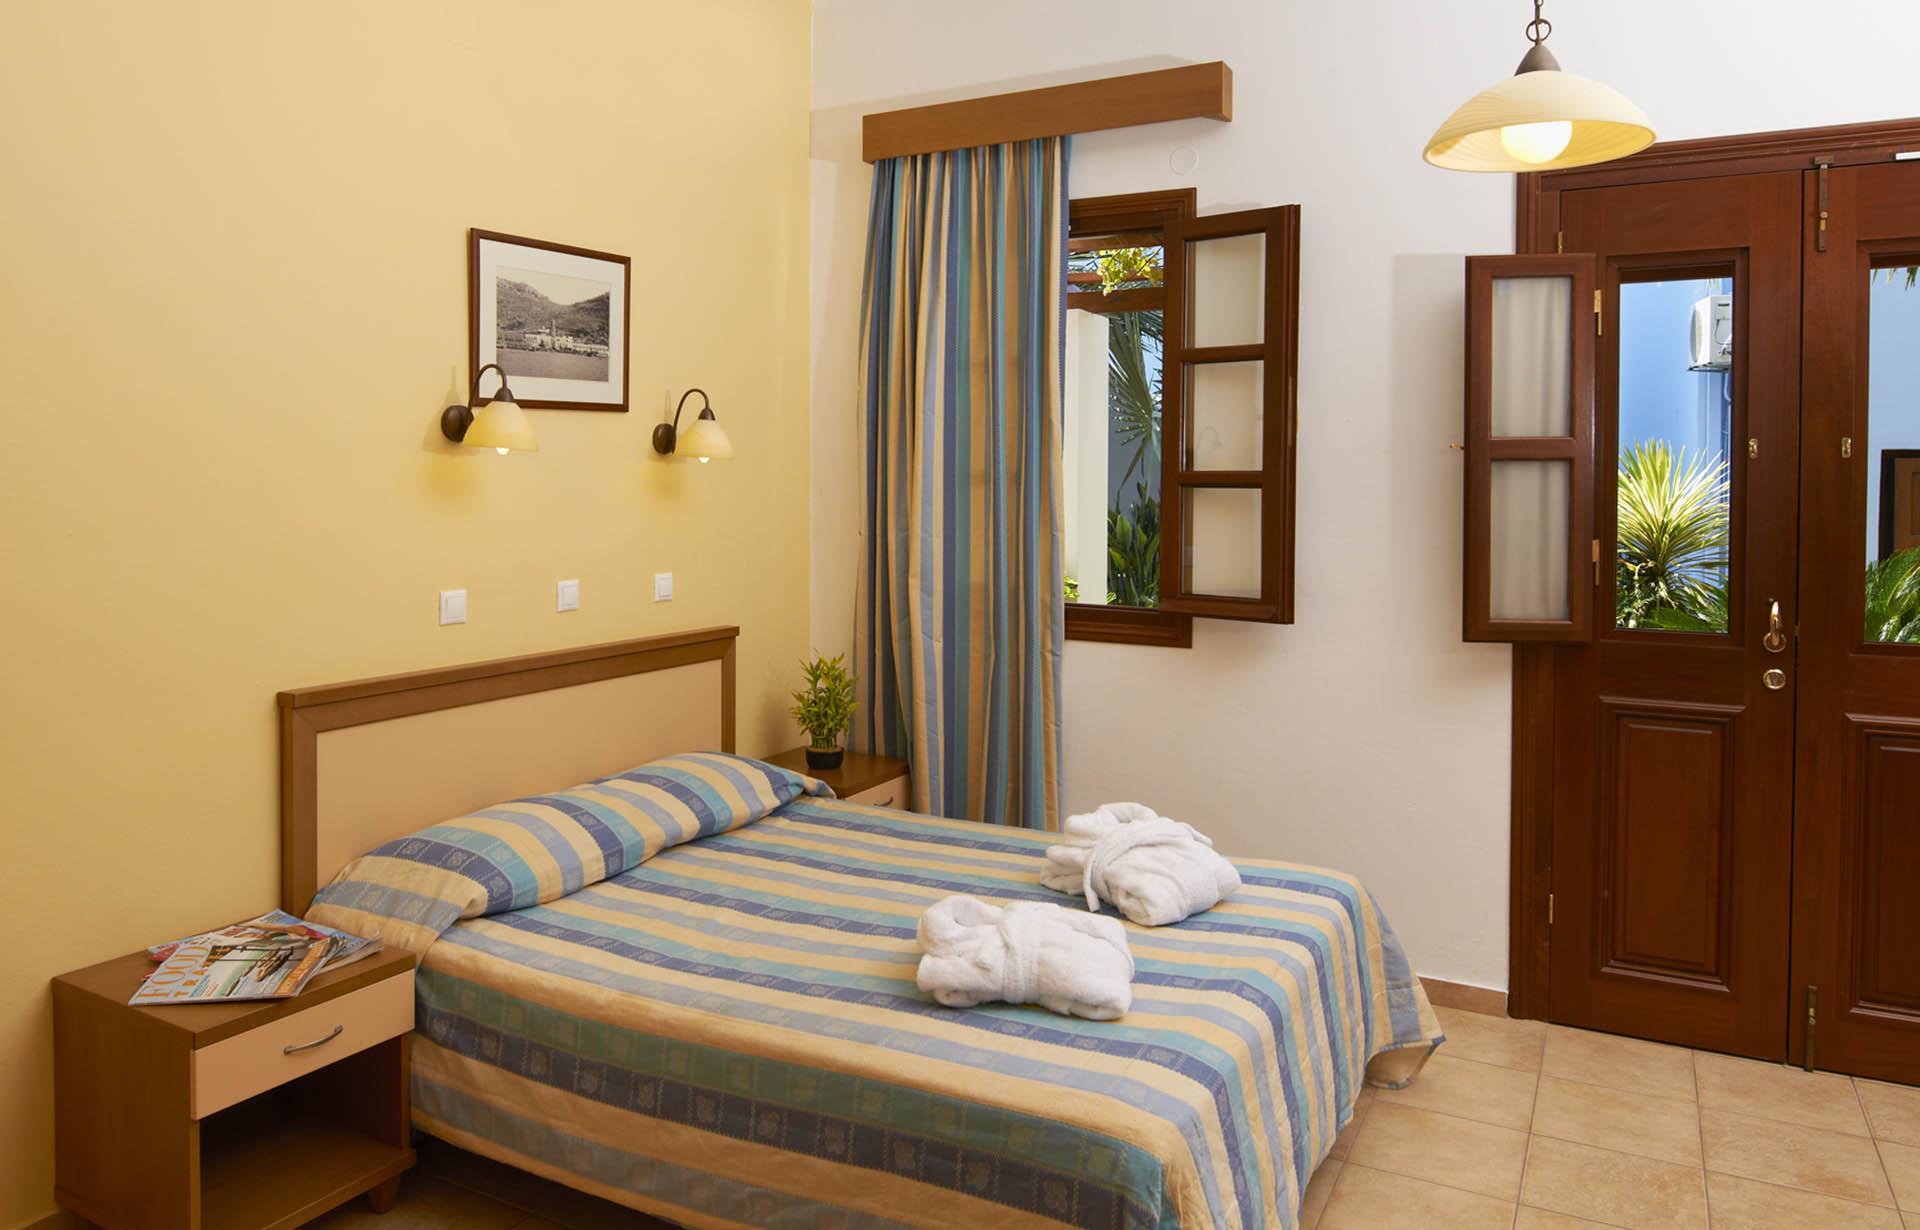 ξενοδοχεια συμη - Iapetos village hotel